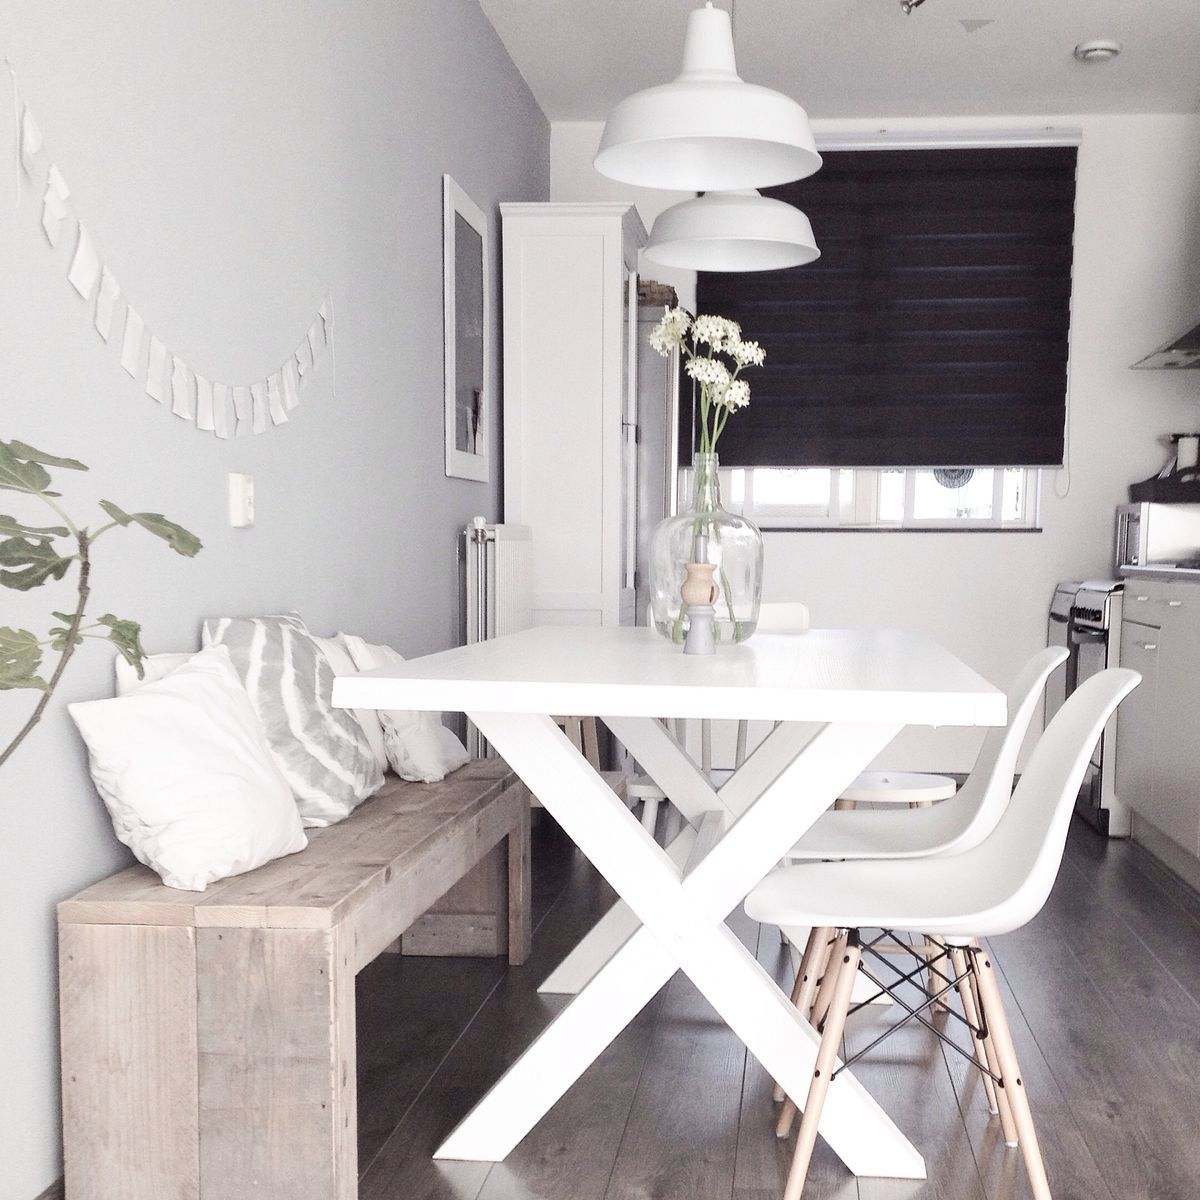 32 ideen für kleine küchen, Haus Dekoration | Flur, Diele ...